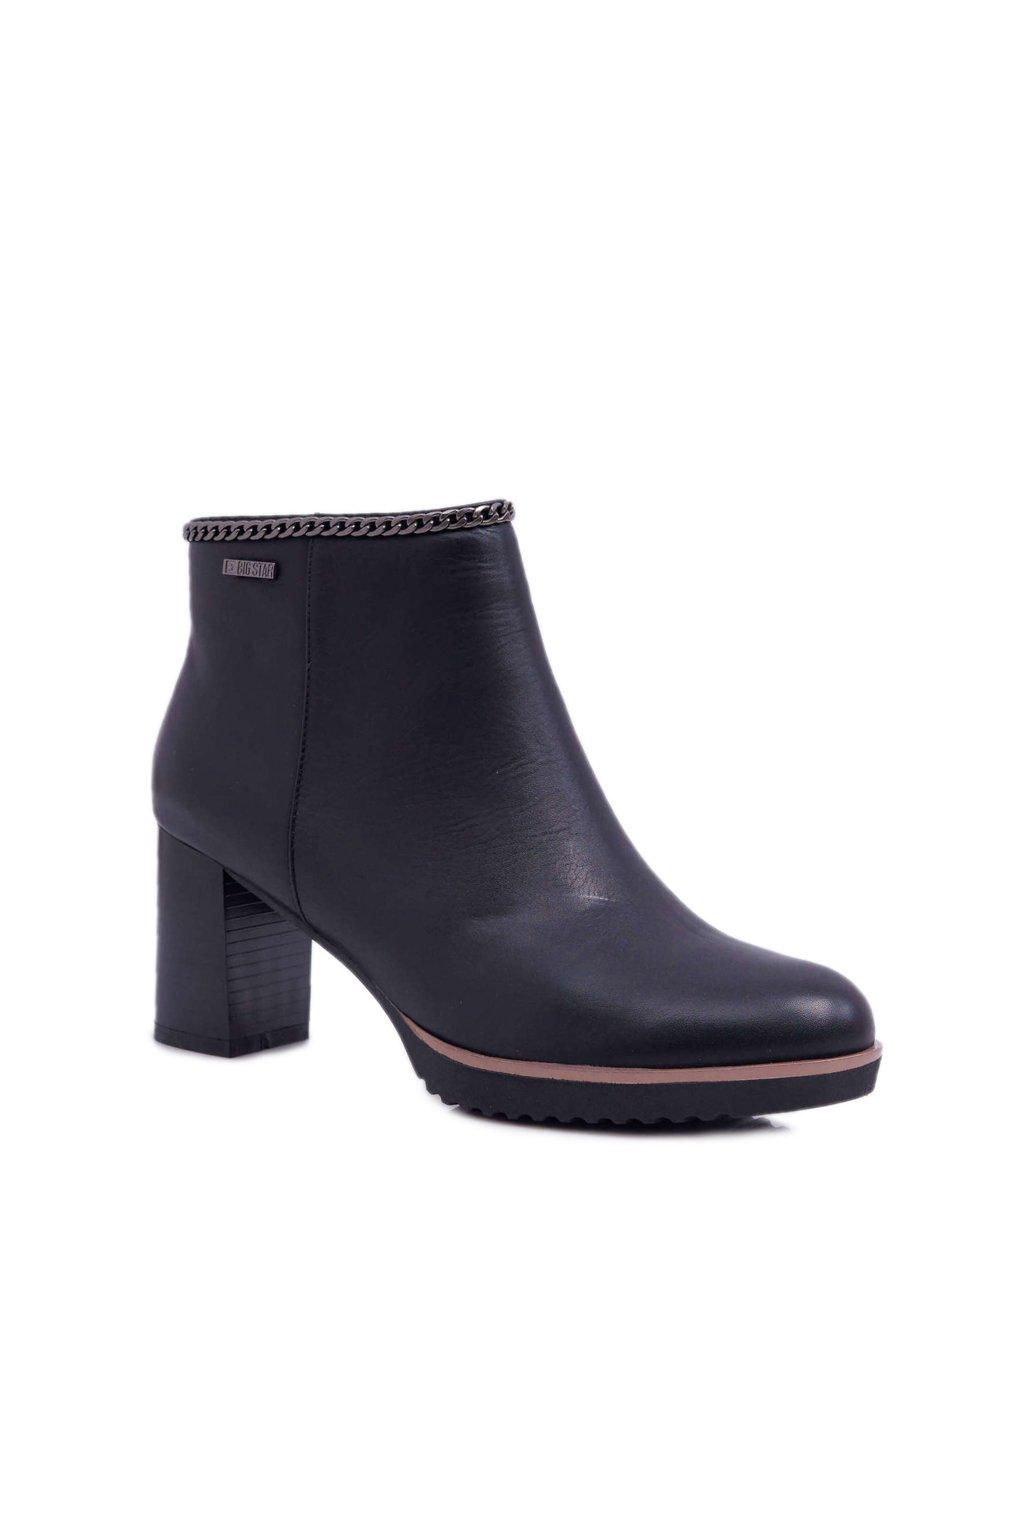 Členkové topánky na podpätku farba čierna kód obuvi BB274618 BLK